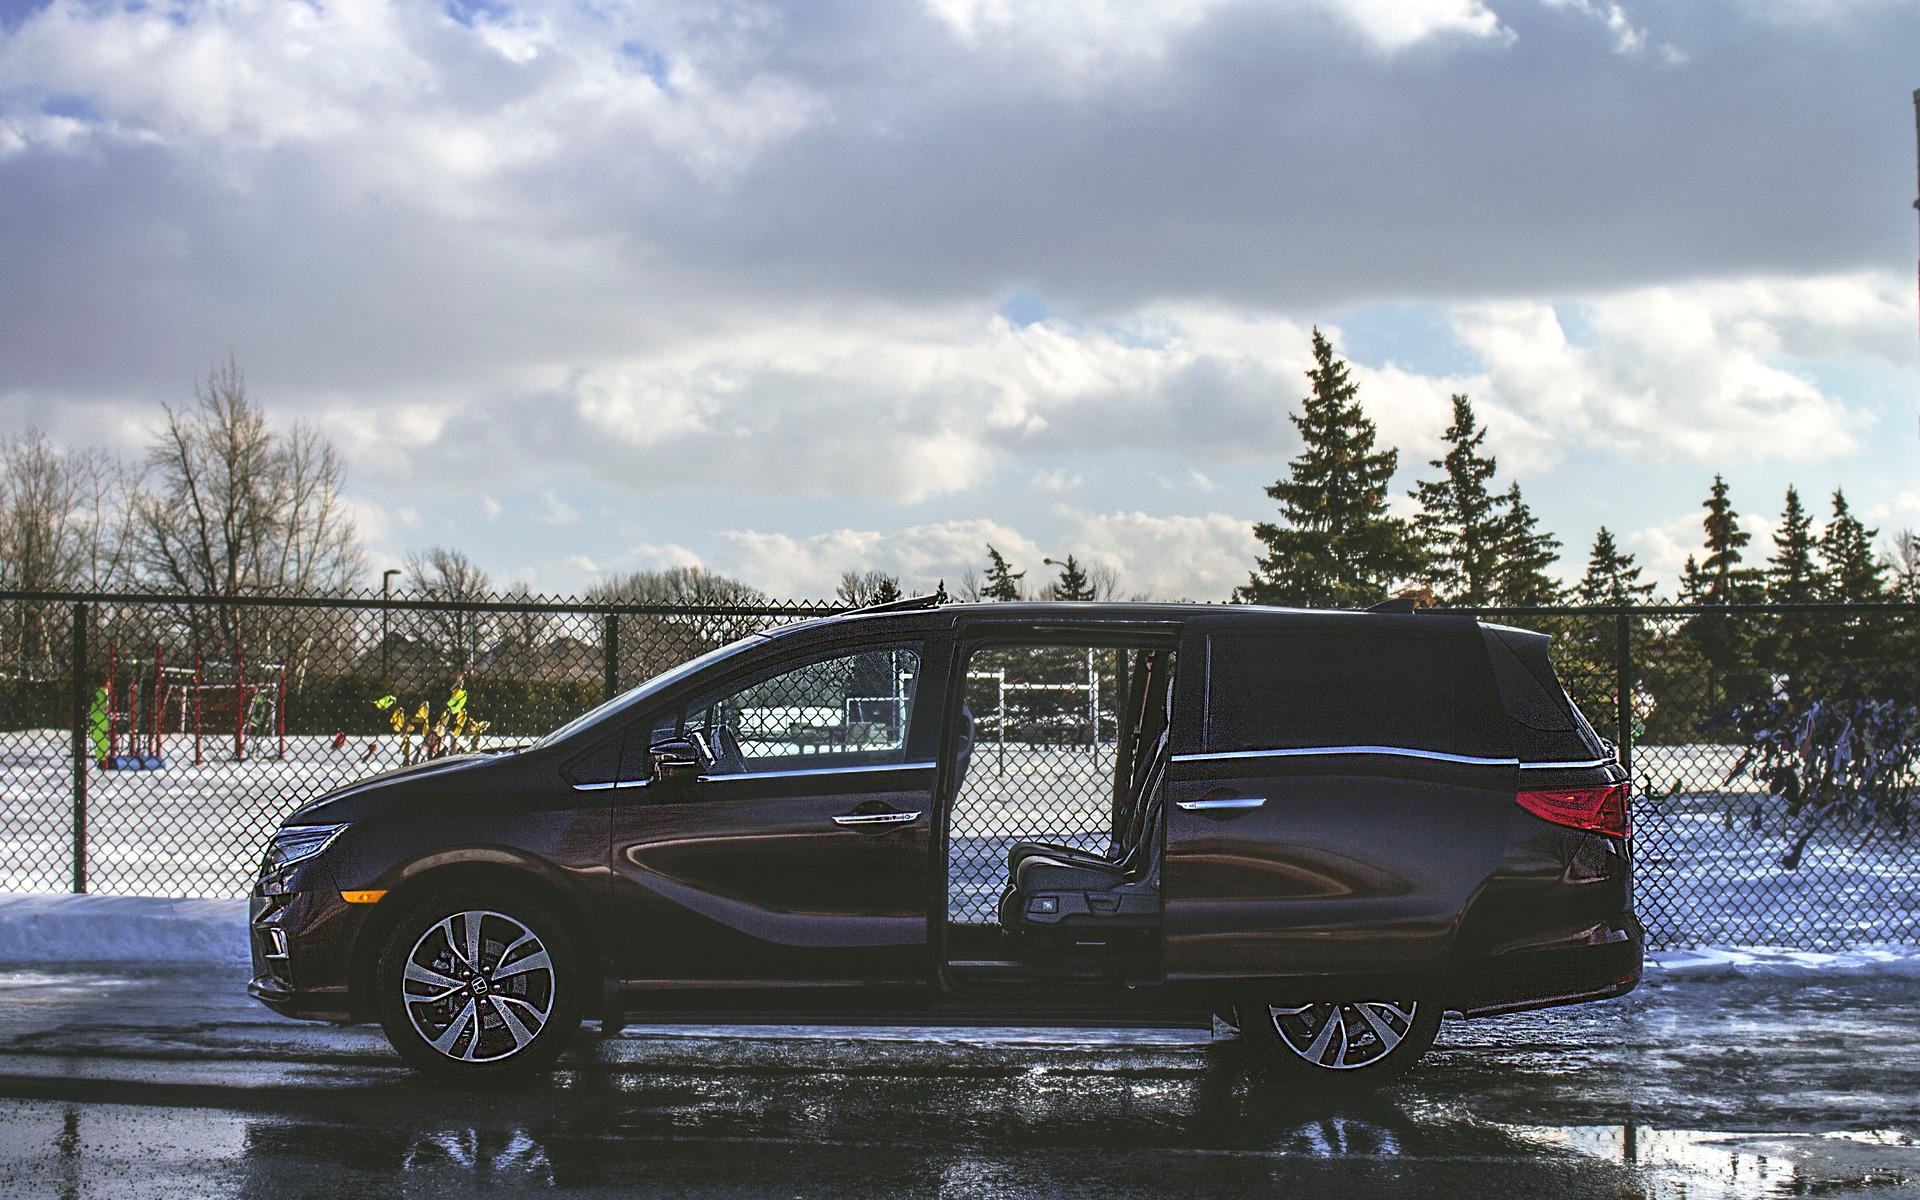 Minivan that looks like suv